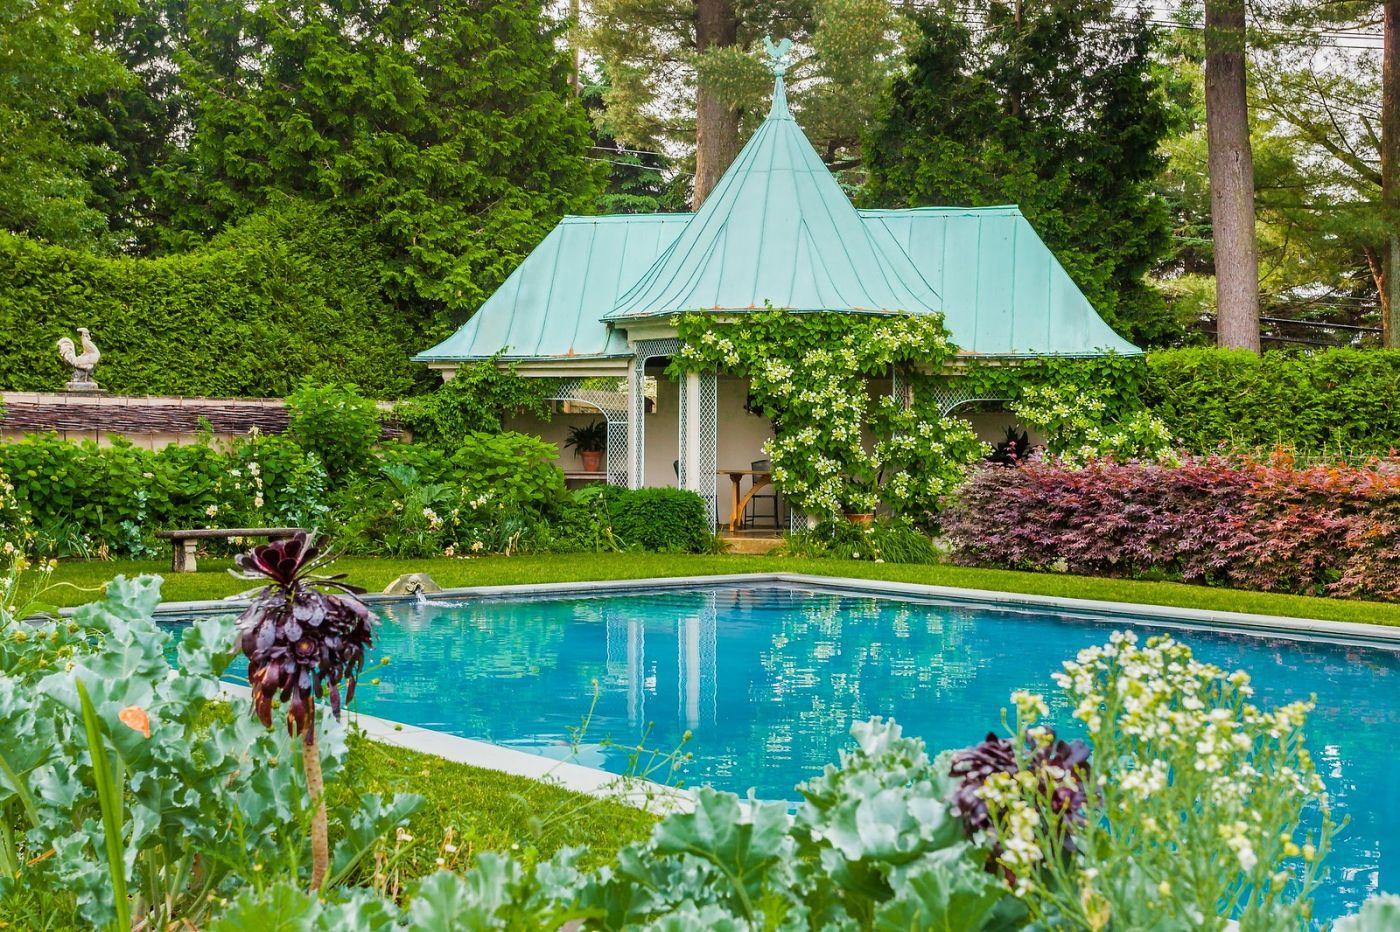 Chanticleer花园,花房泳池_图1-22